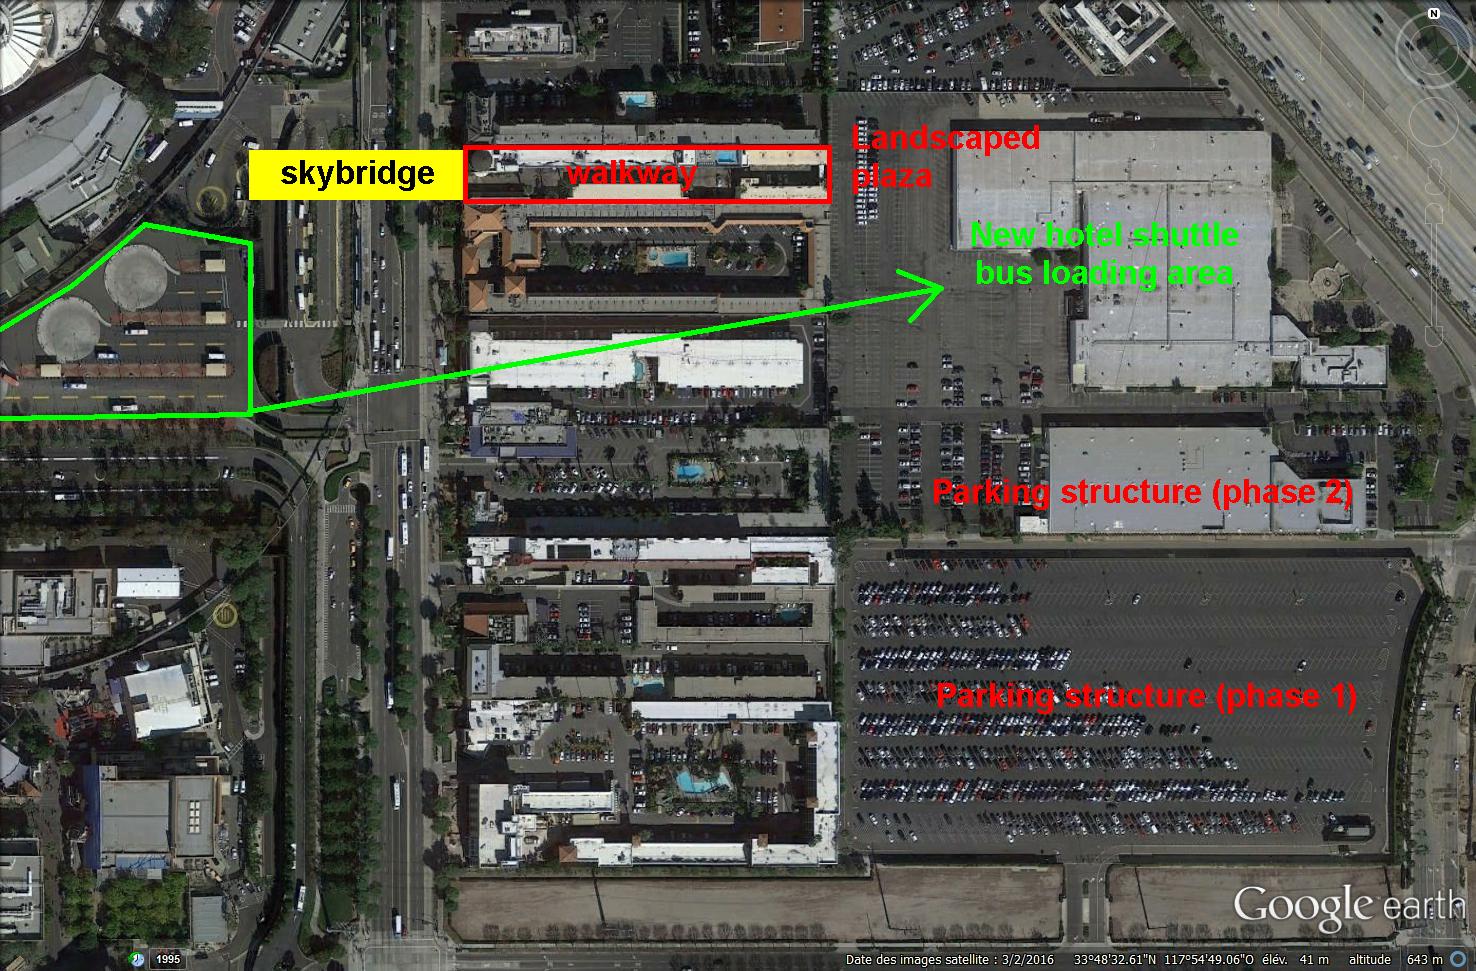 [Disneyland Resort] Projet de troisième parc et nouveaux parkings - Page 3 883373DLnewparkingstructurePumbaa